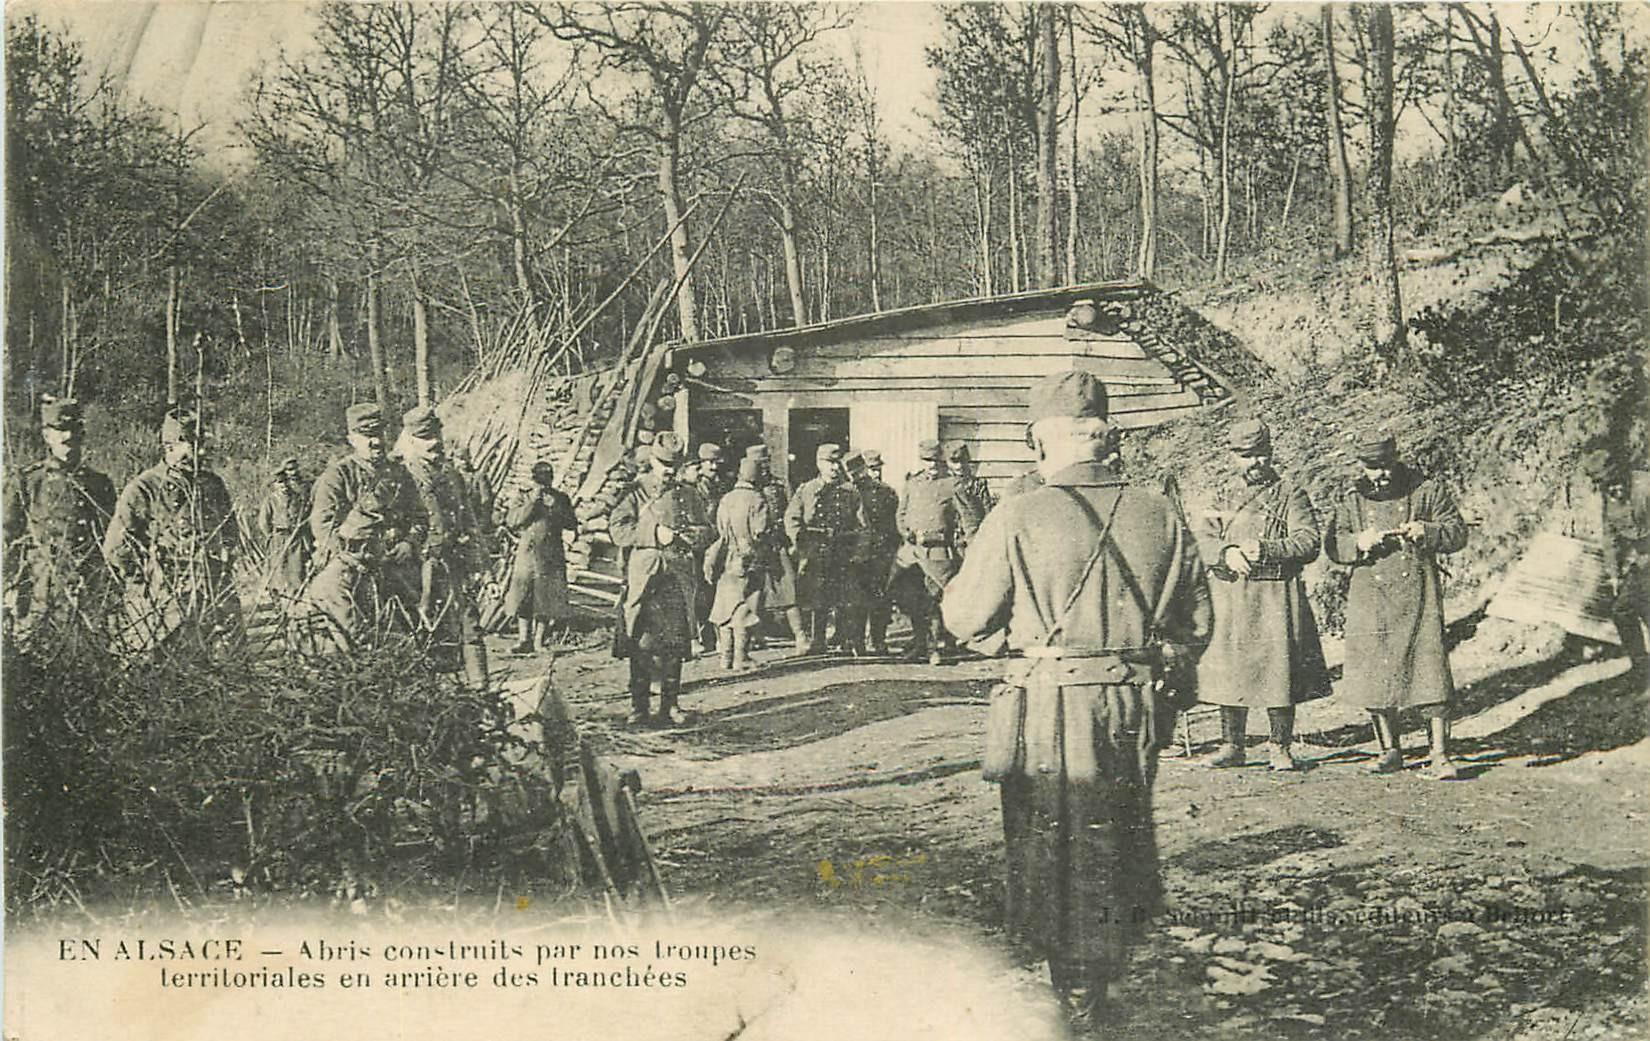 WW GUERRE 1914-18. En Alsace Abris construits en arrière des Tranchées 1915